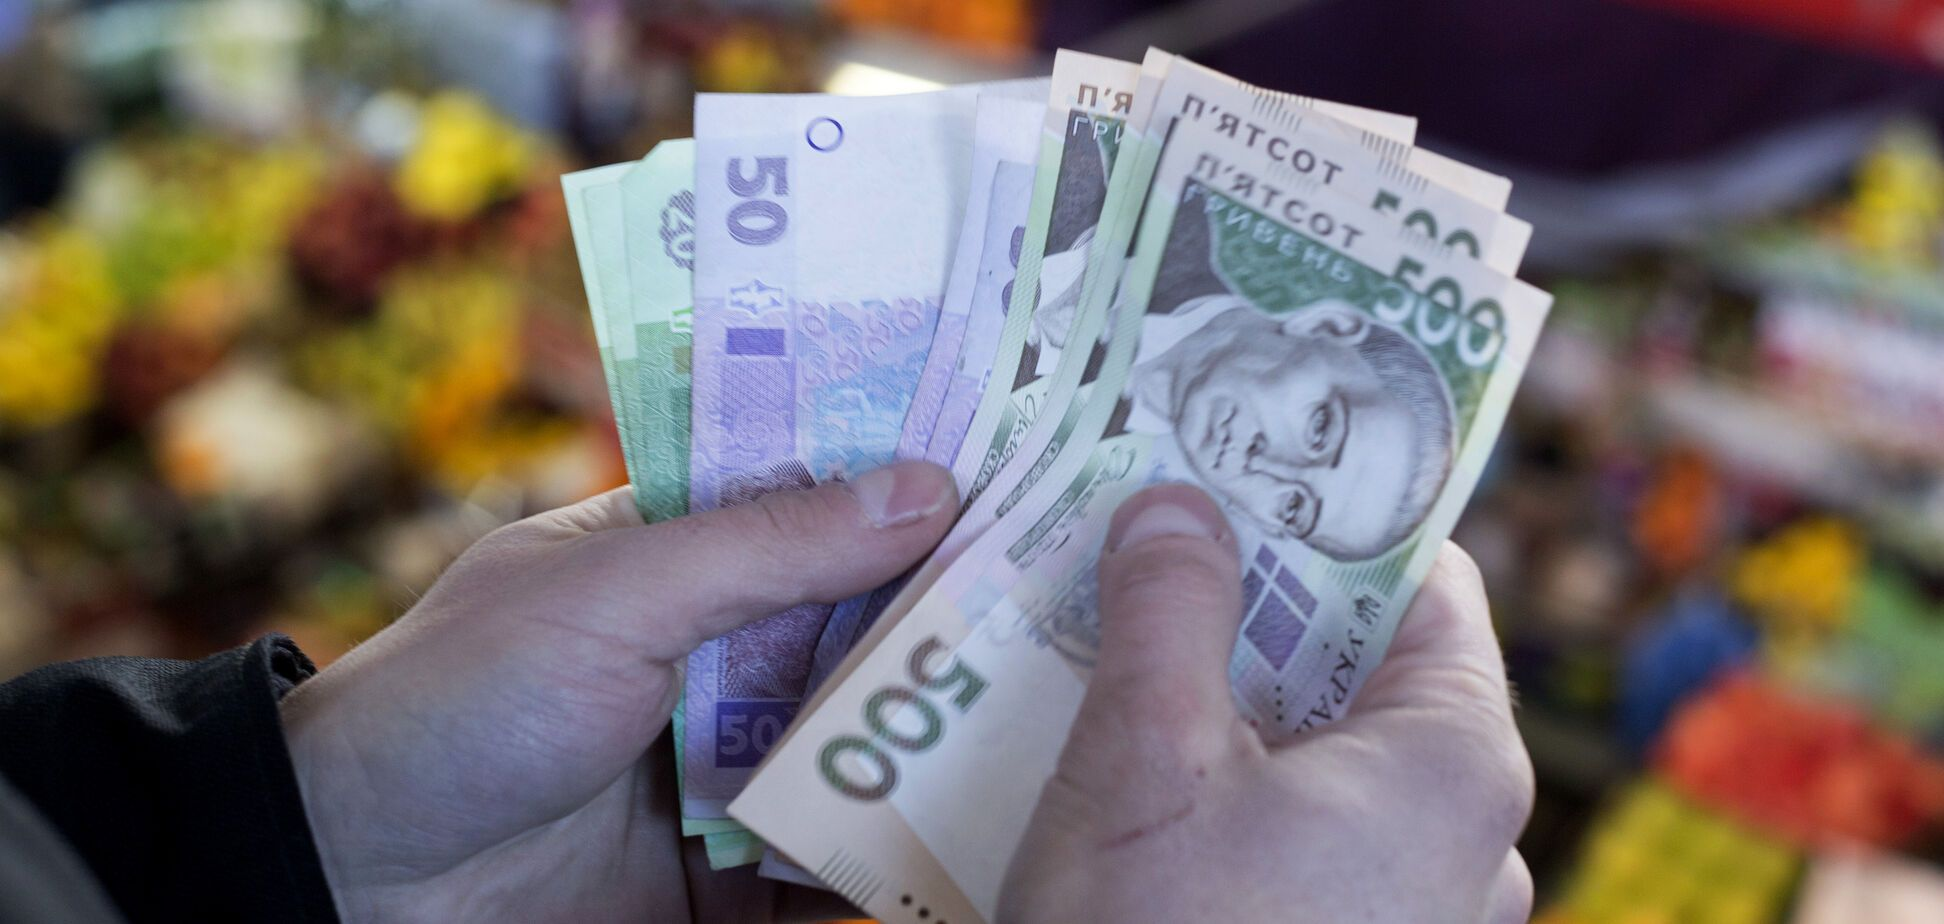 В Україні різко піднімуть ціни на основний продукт: названі терміни